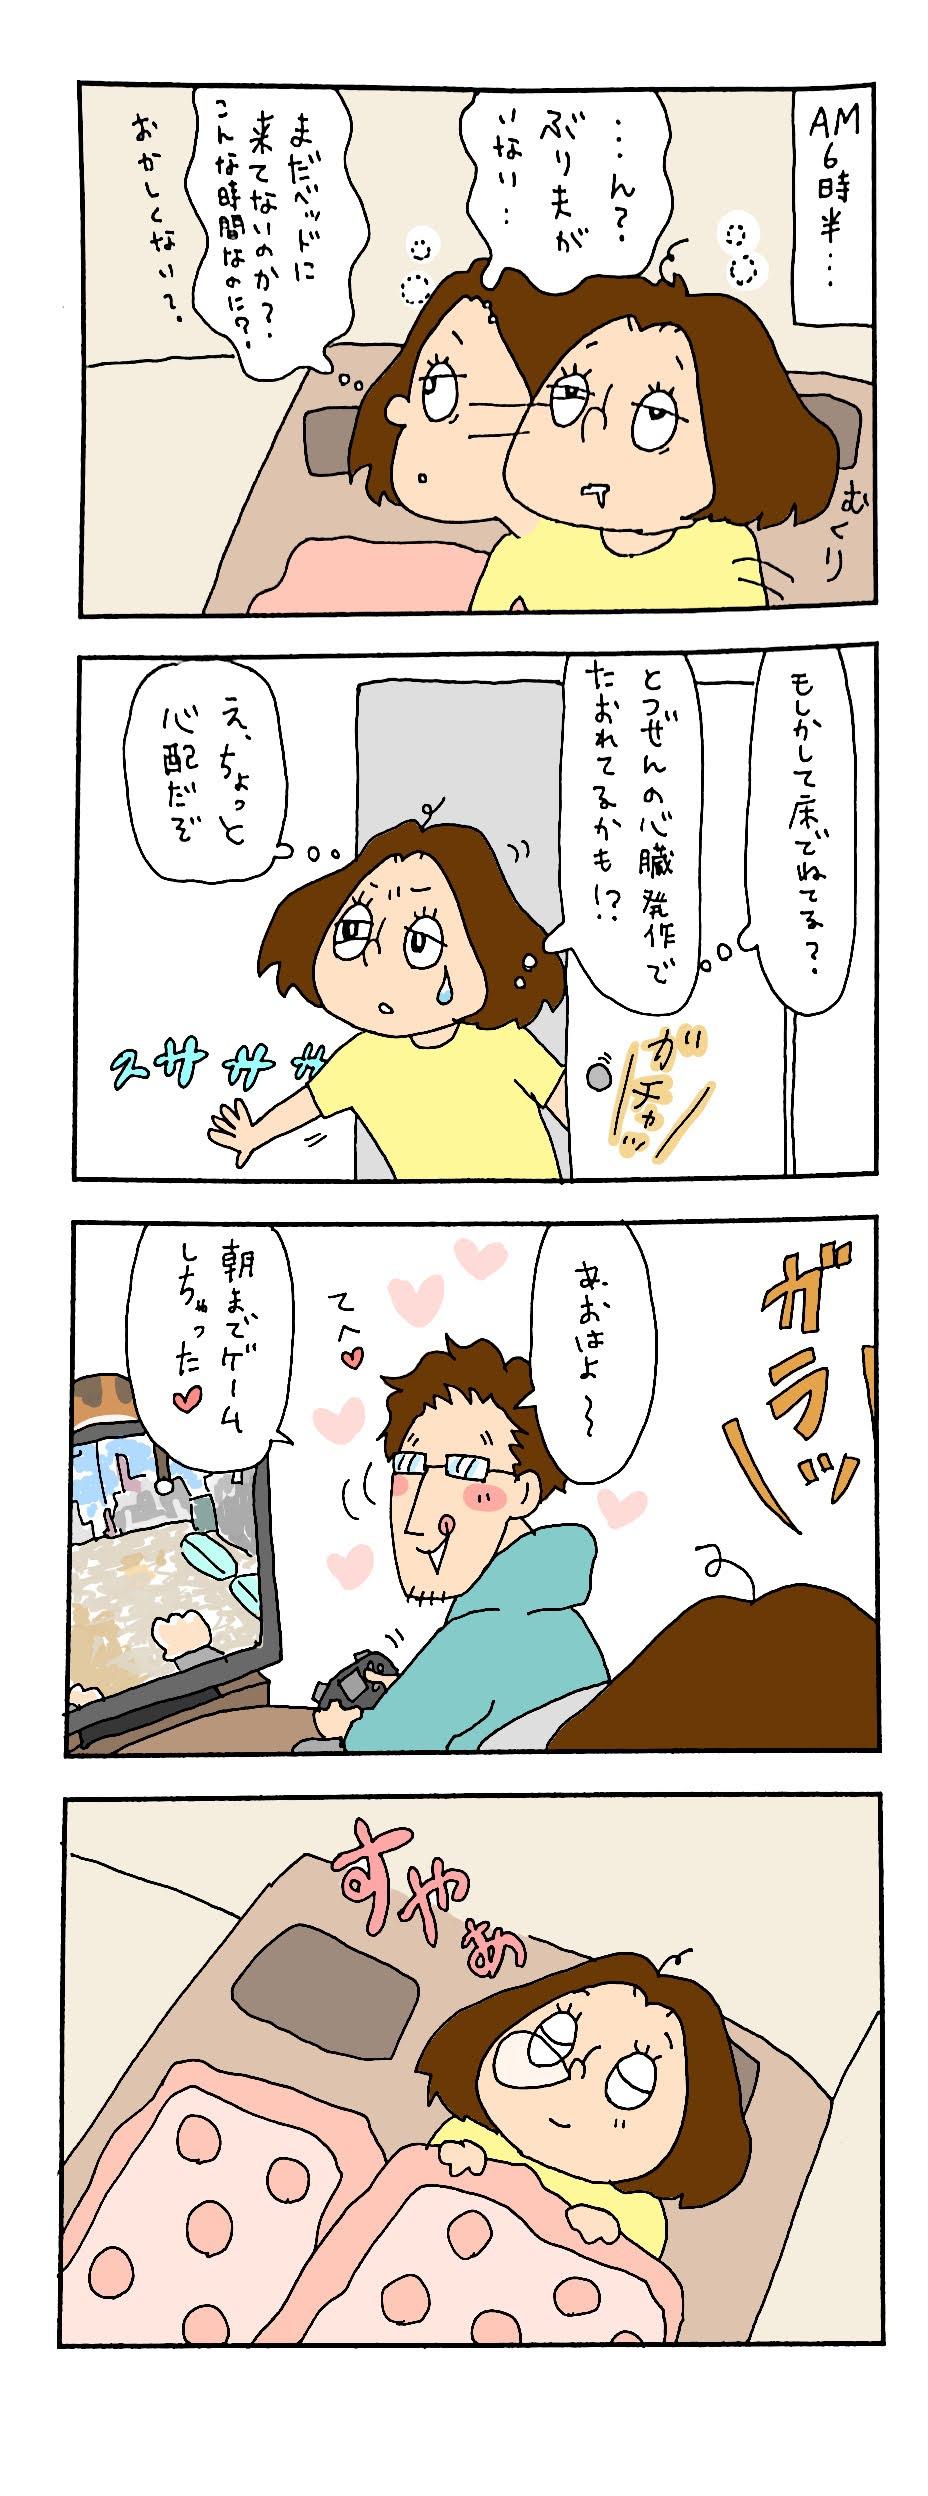 Twitterやインスタに投稿しているPちゃんの<無料>日常4コマ漫画まとめ